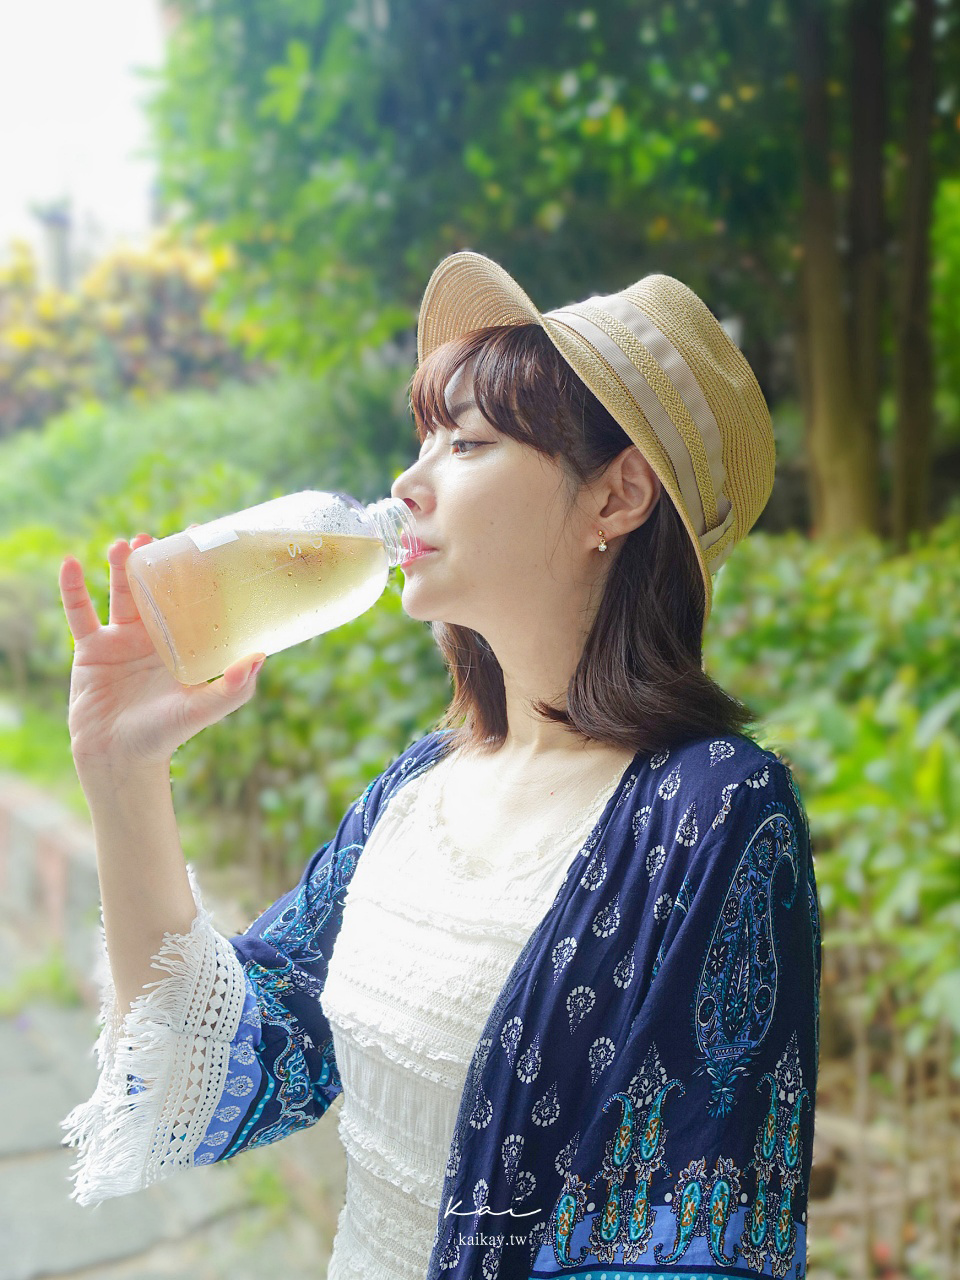 ☆【美食】涼涼菓日果乾水、窨花茶。讓平凡的日子變得不平凡